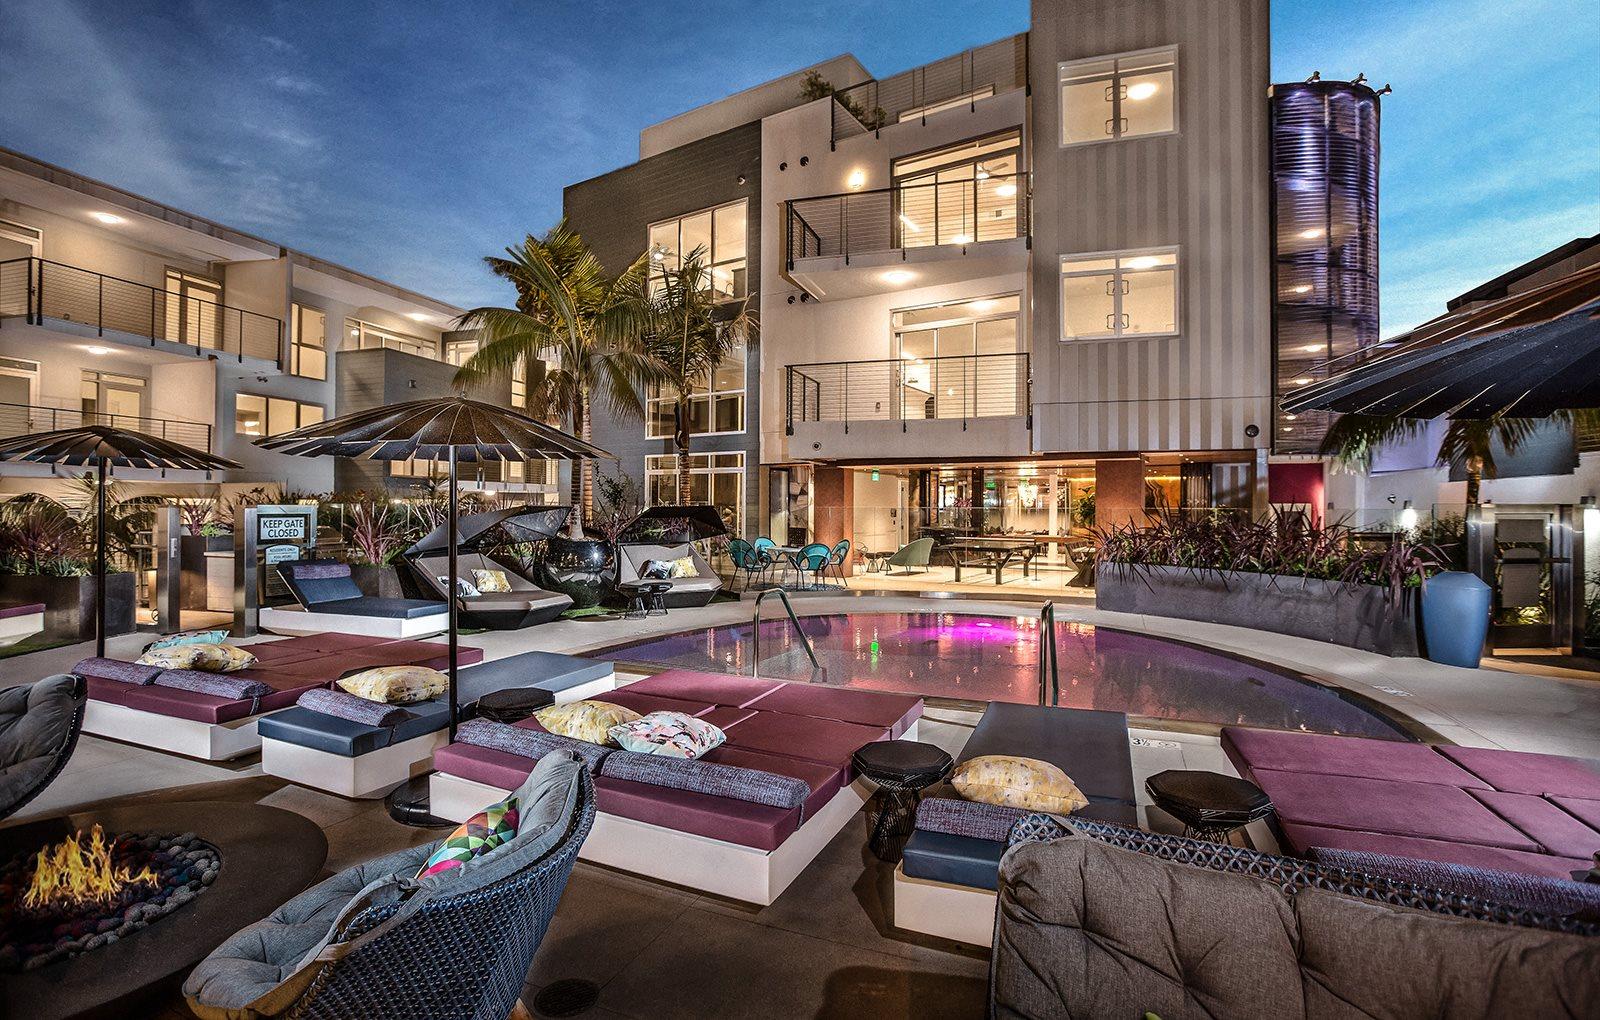 Vinz on Fairfax | Luxury Apartment Amenities